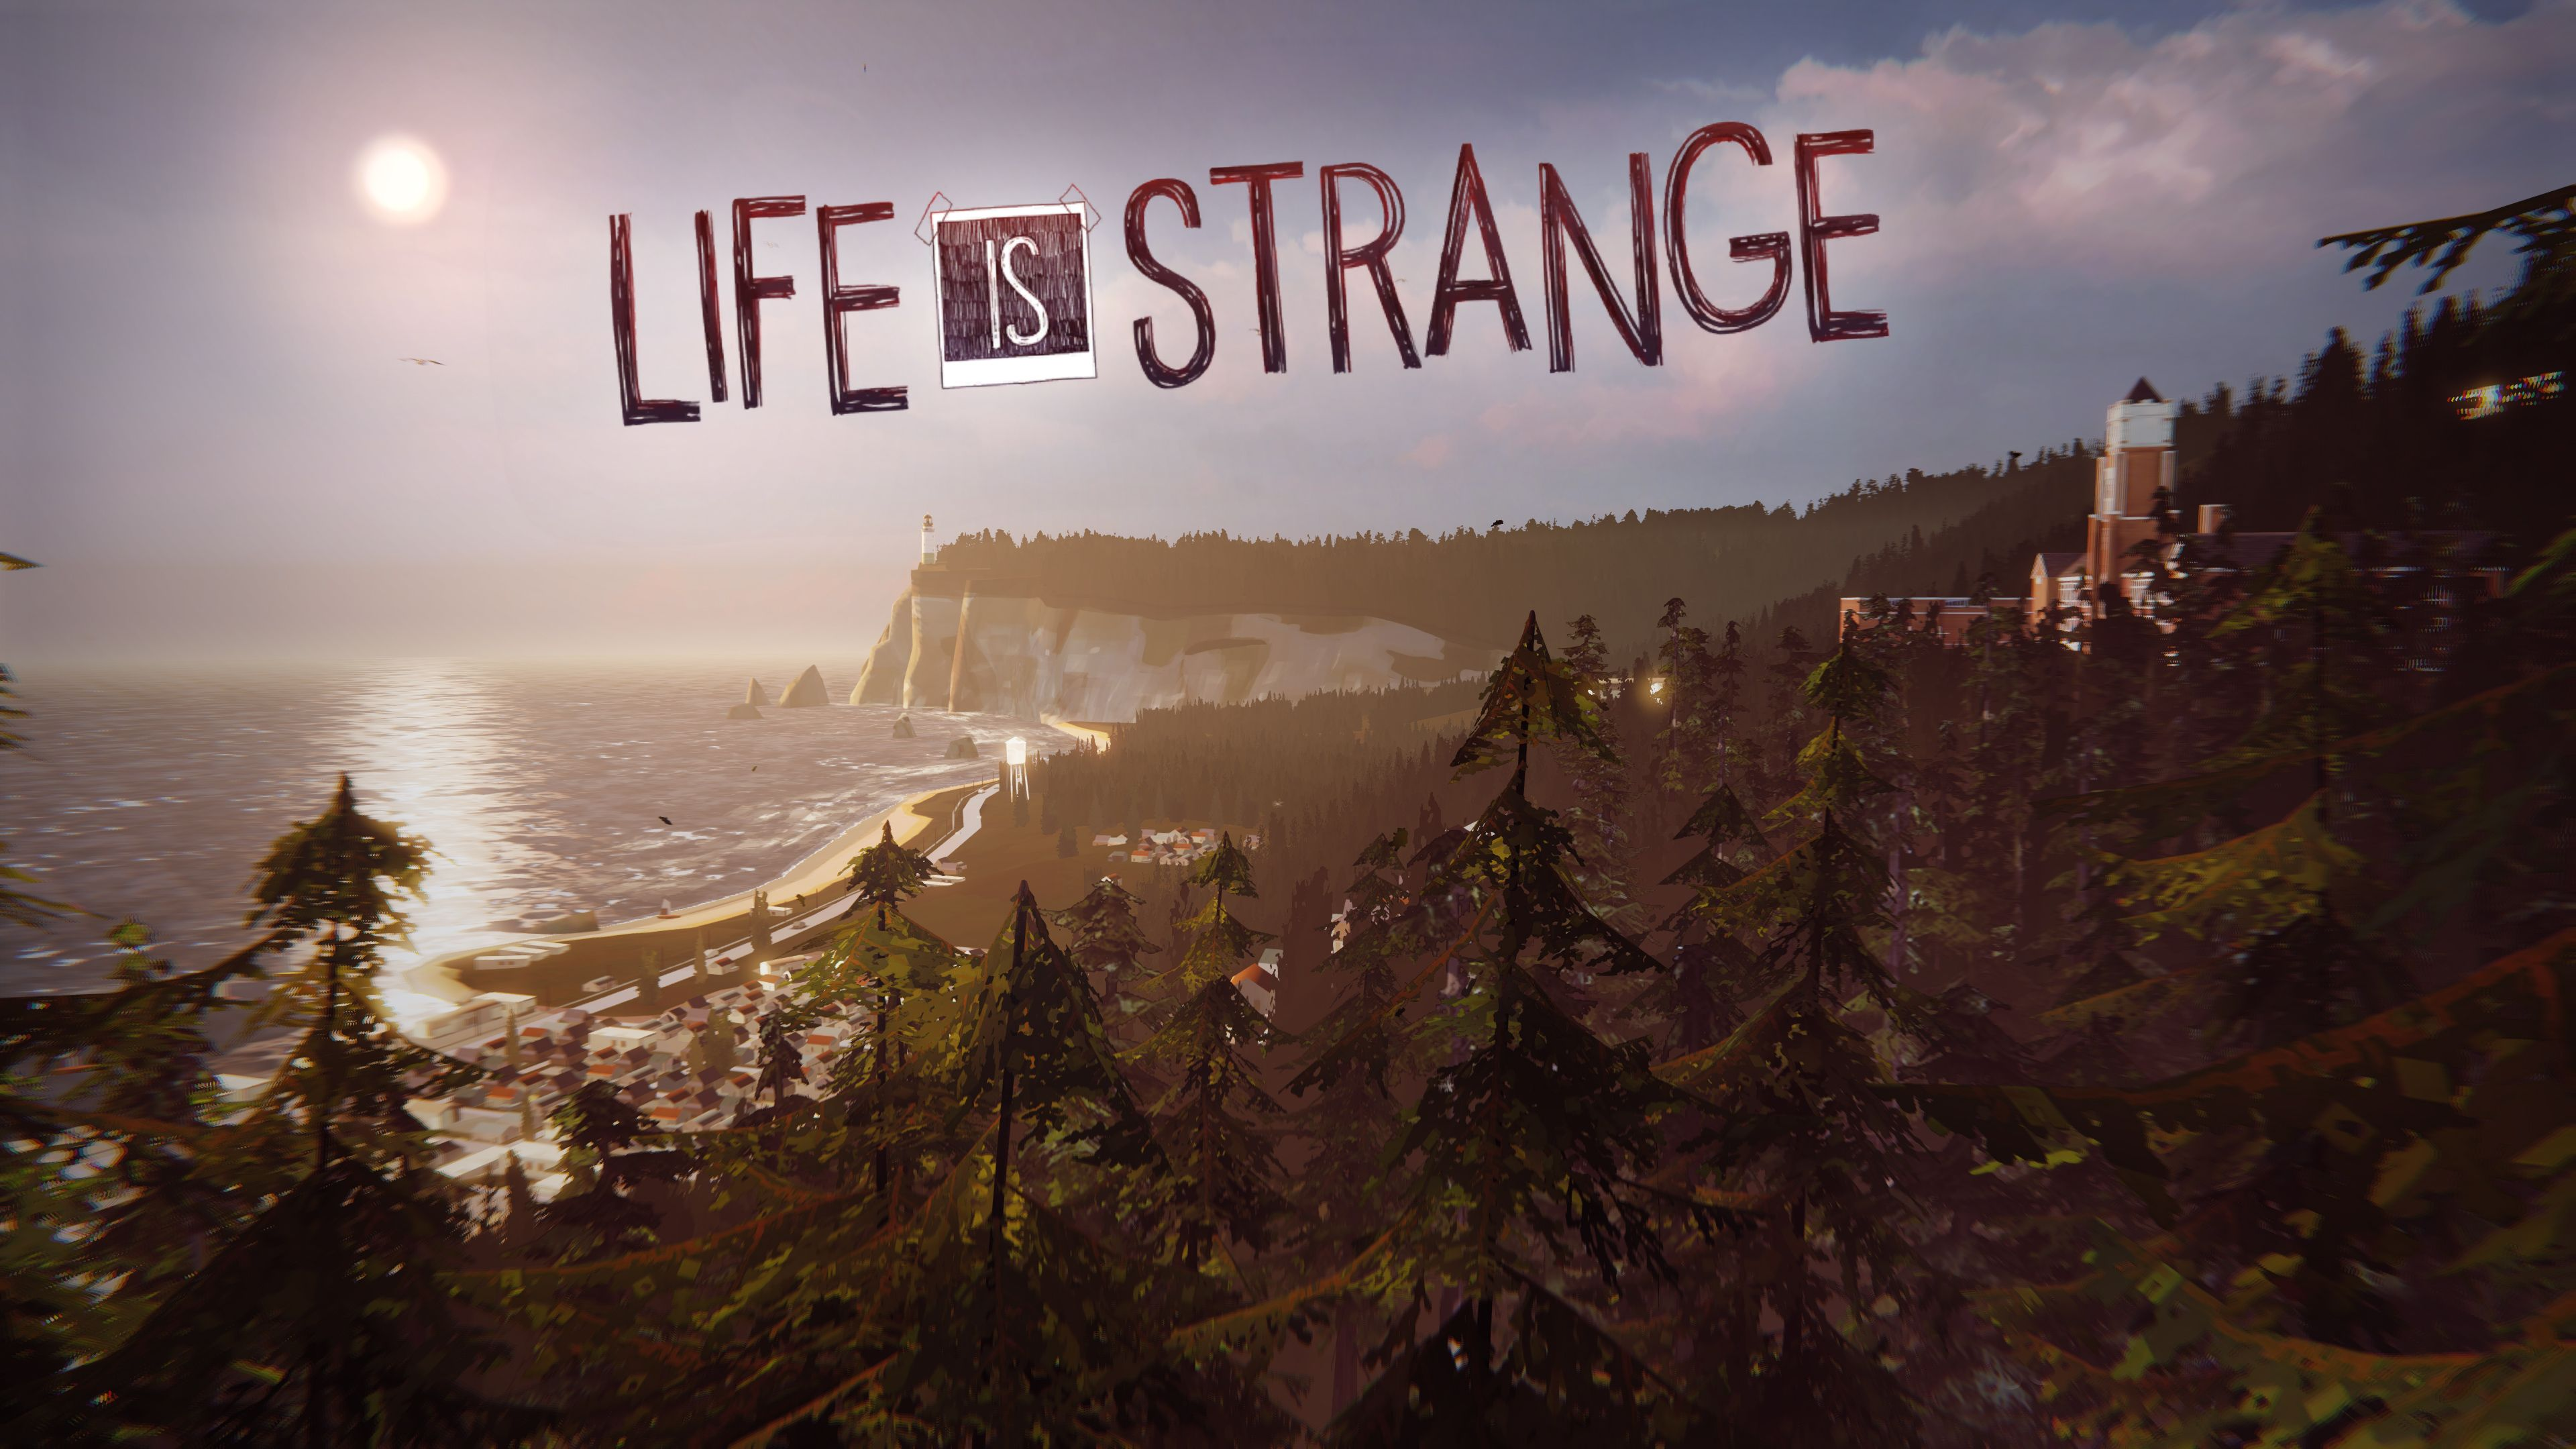 Life Is Strange Wallpaper Google Zoeken Life Is Strange Wallpaper Life Is Strange Life Is Strange Ps3